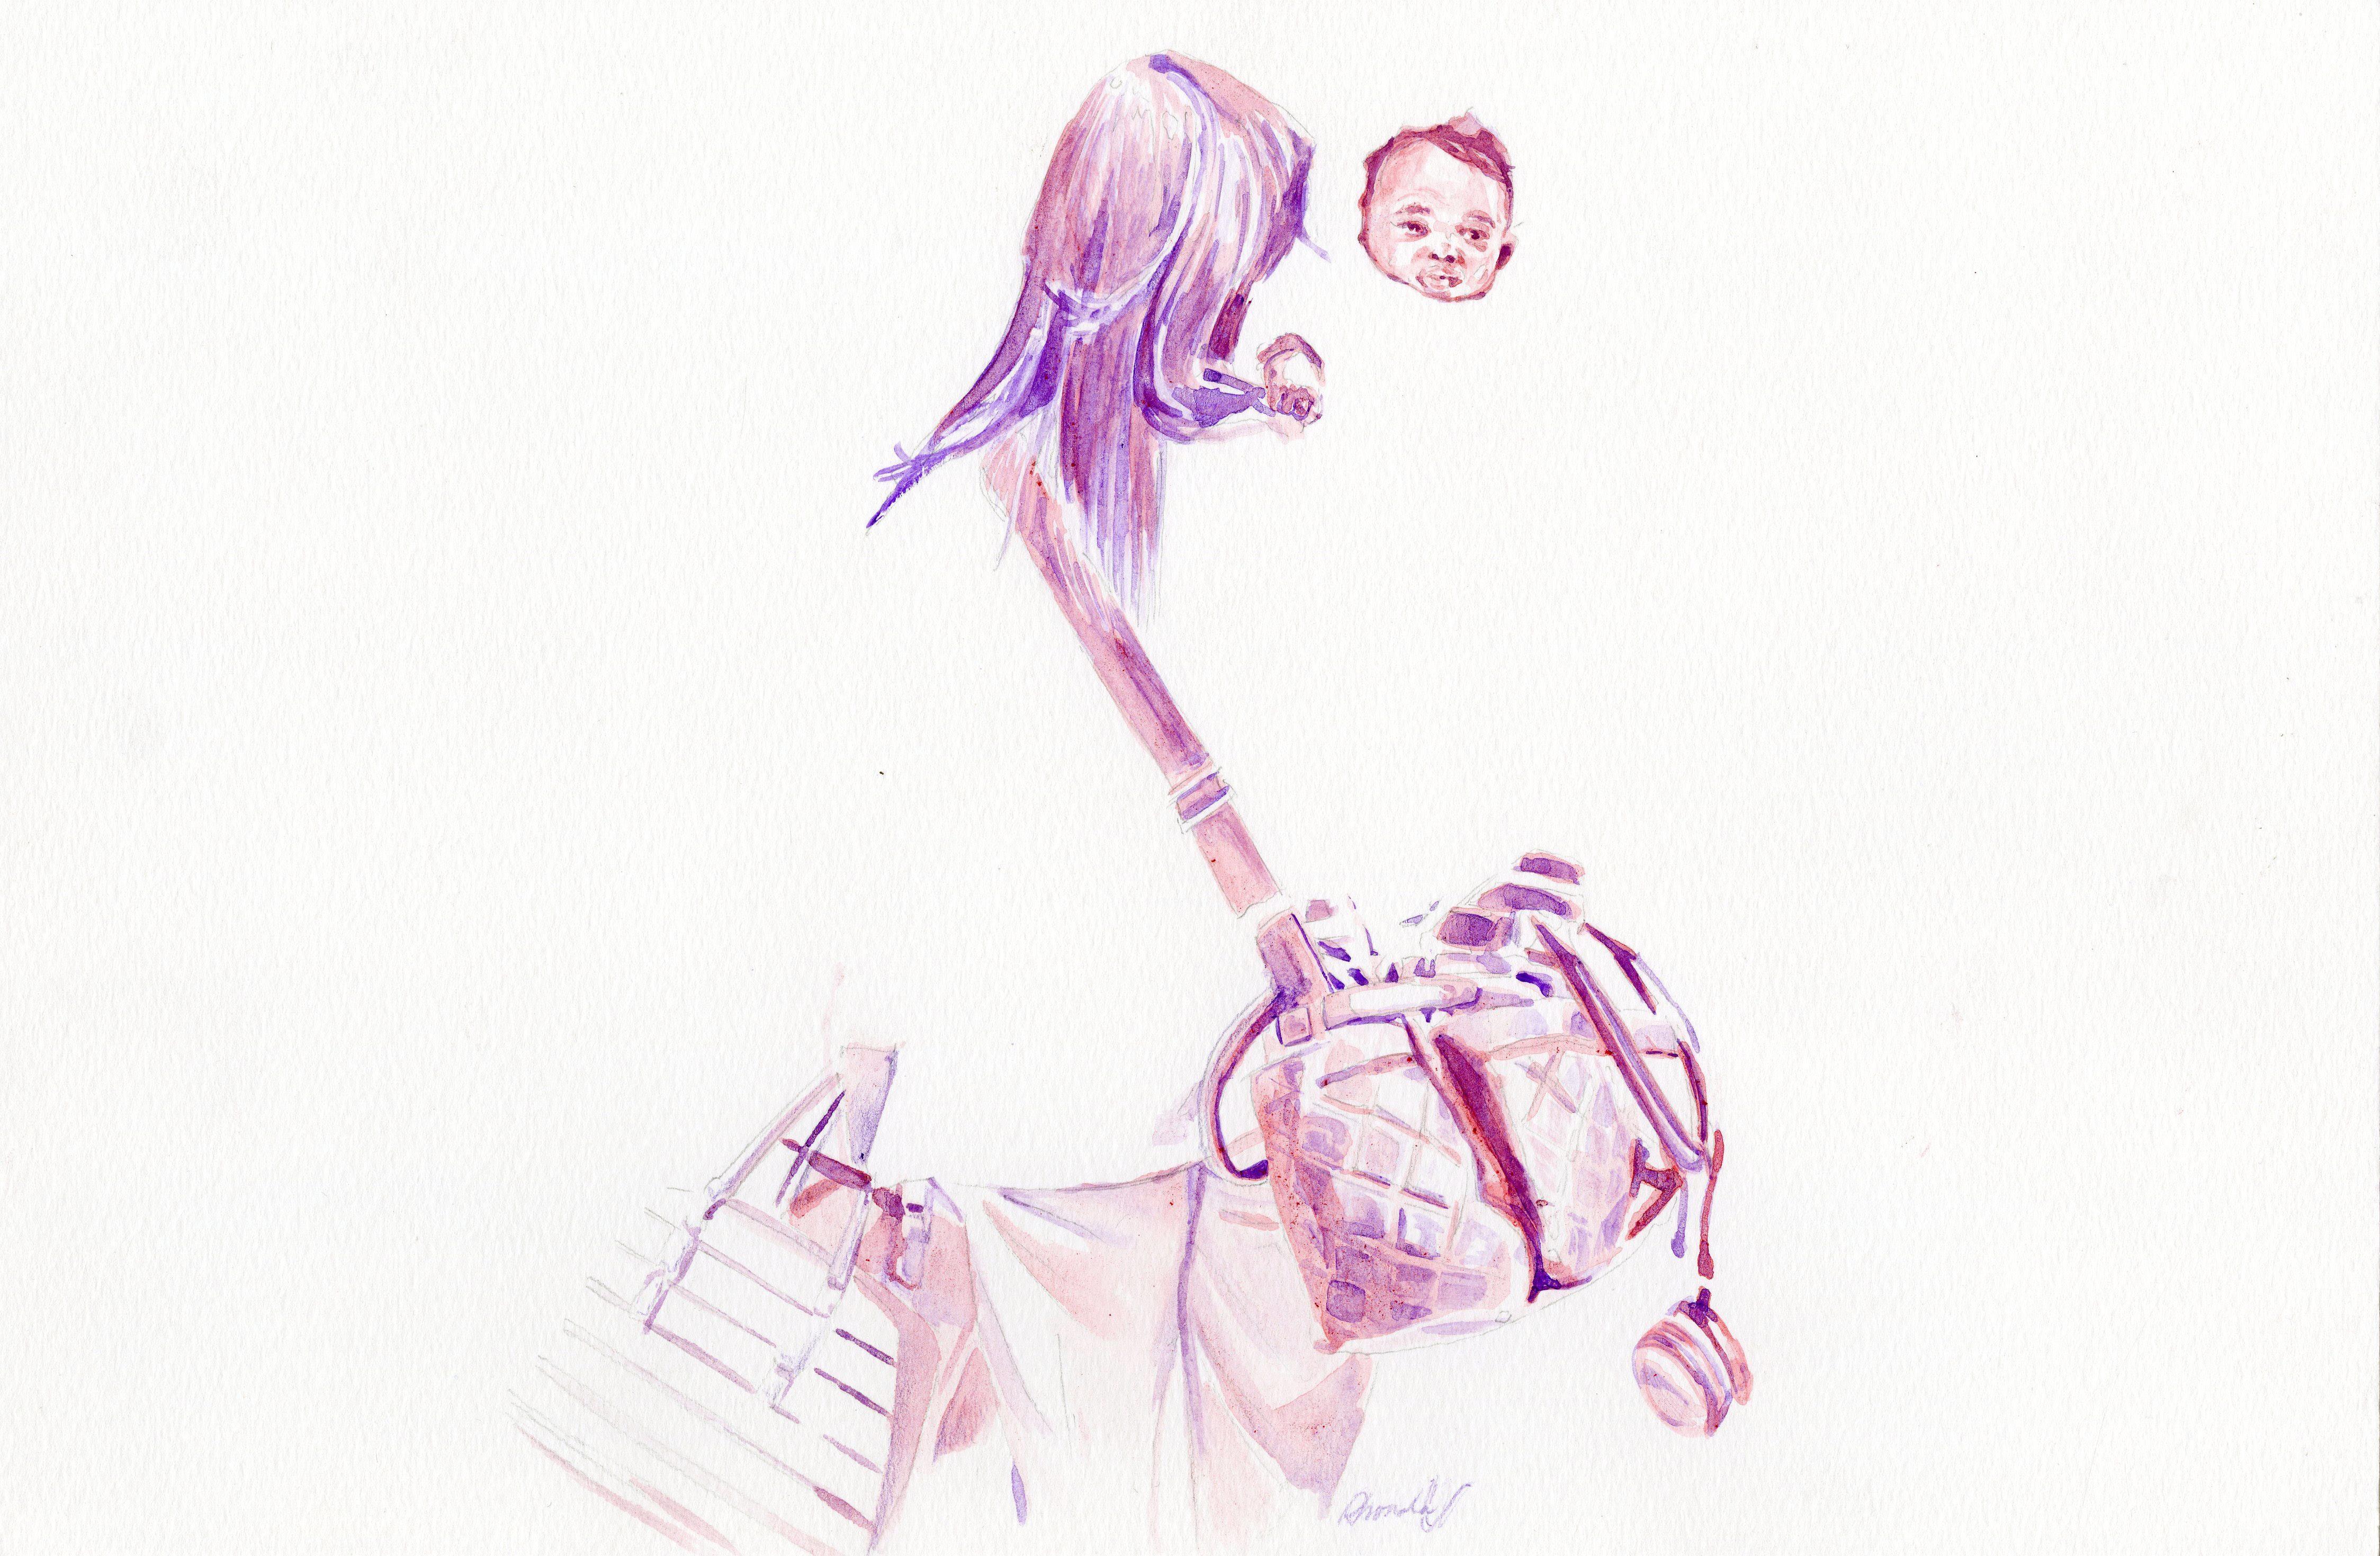 Baggage Claim (Sketch #4)